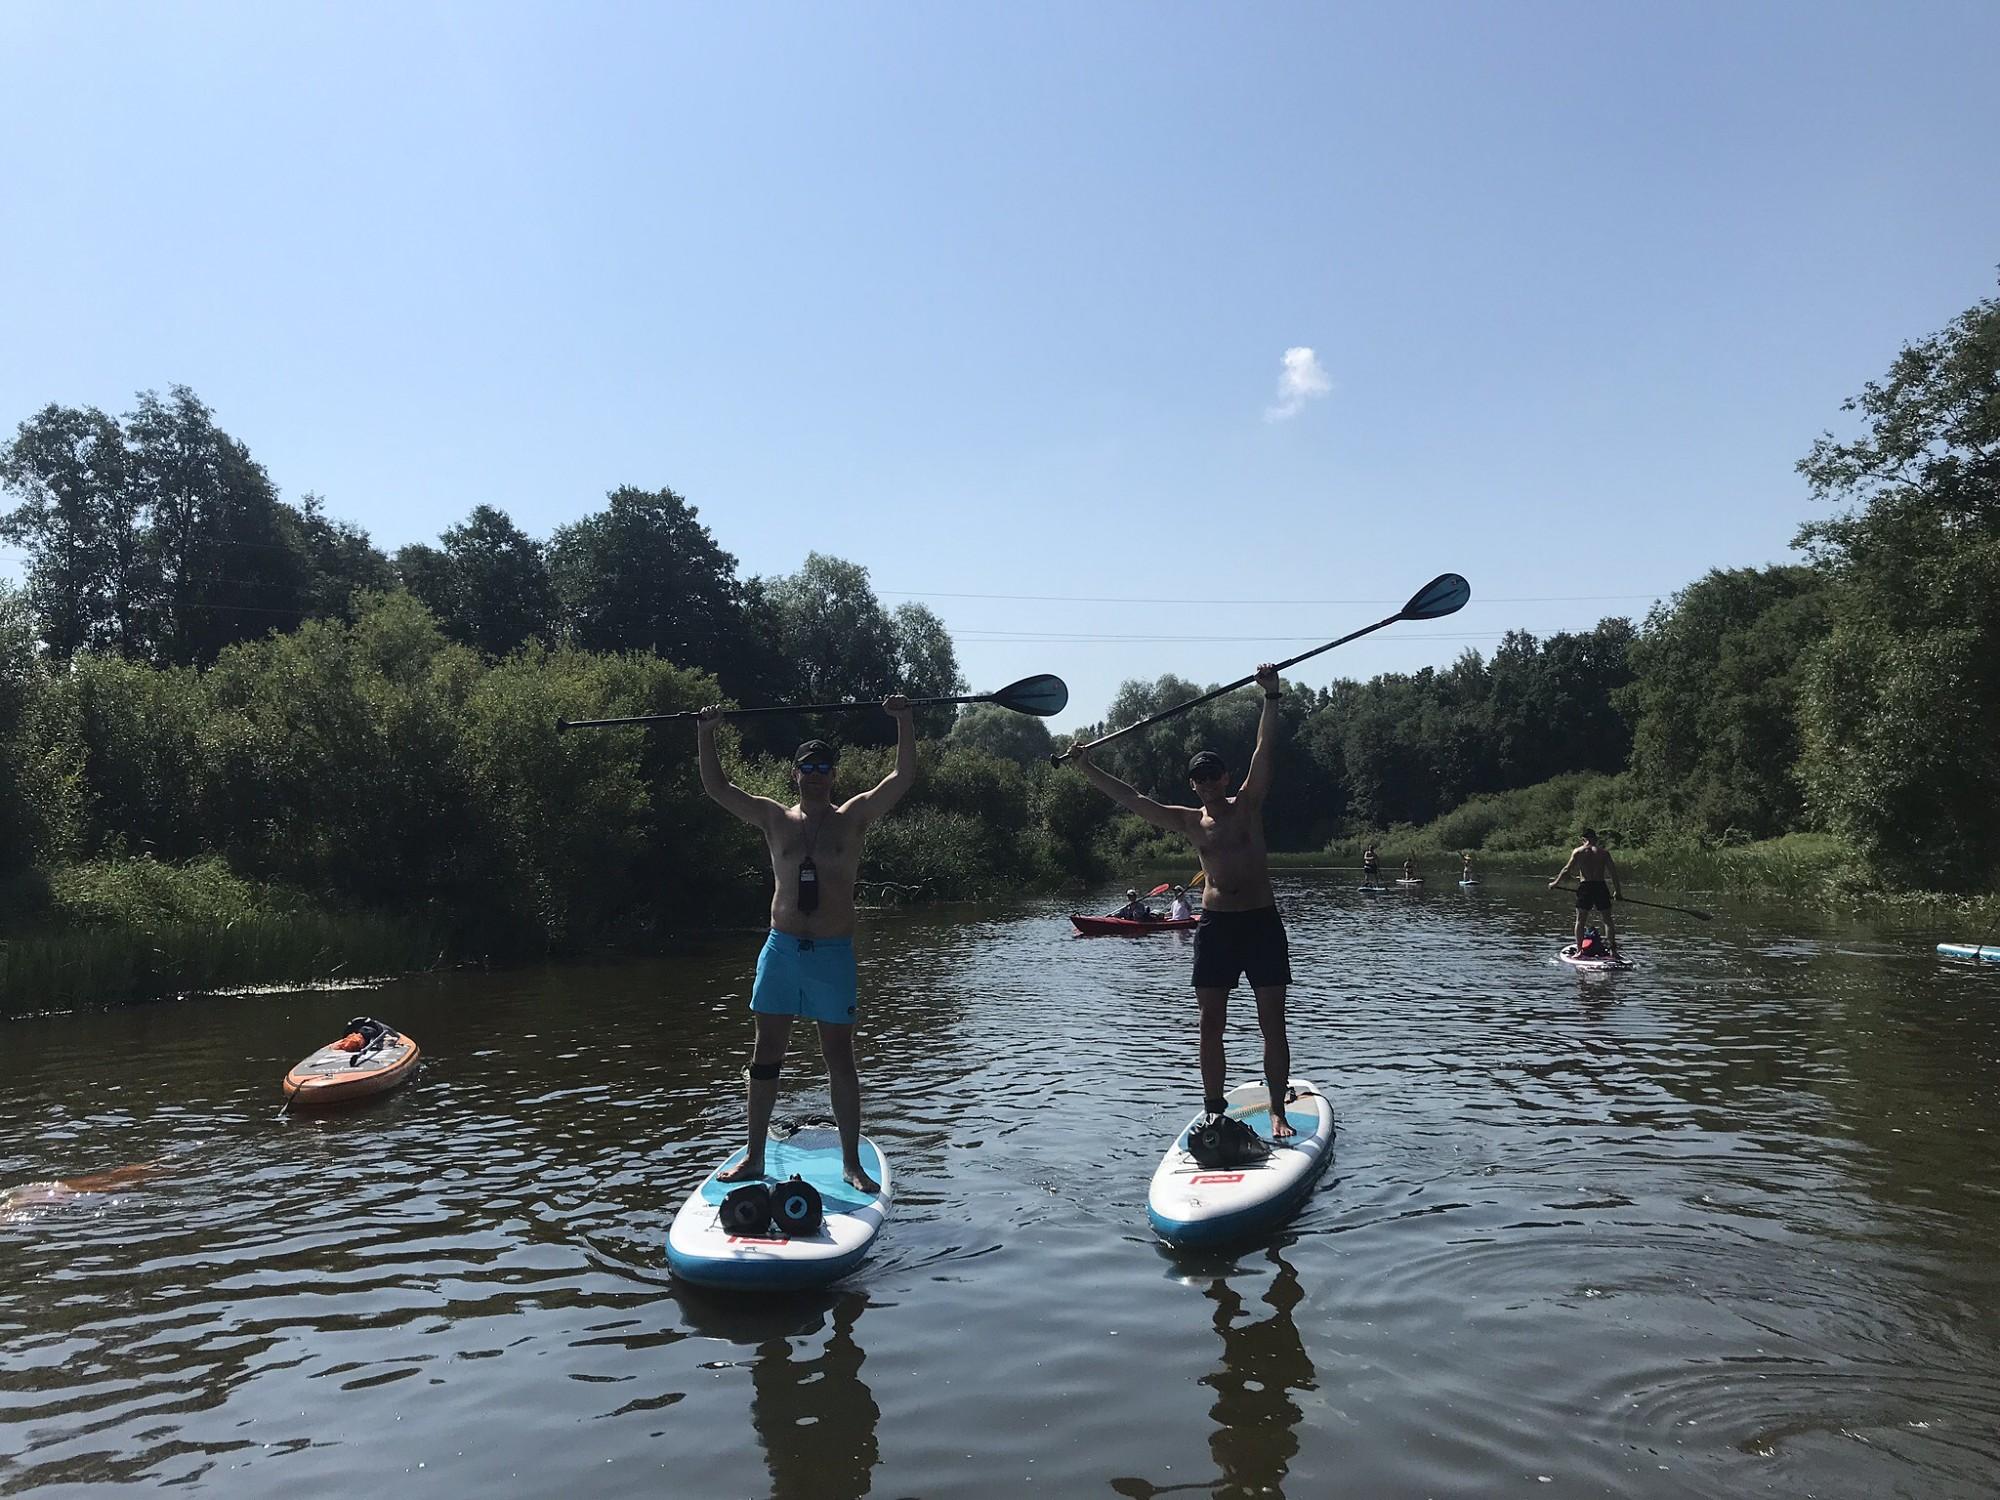 Ar SUP dēļiem dosies ekspedīcijā pa Bārtas upi